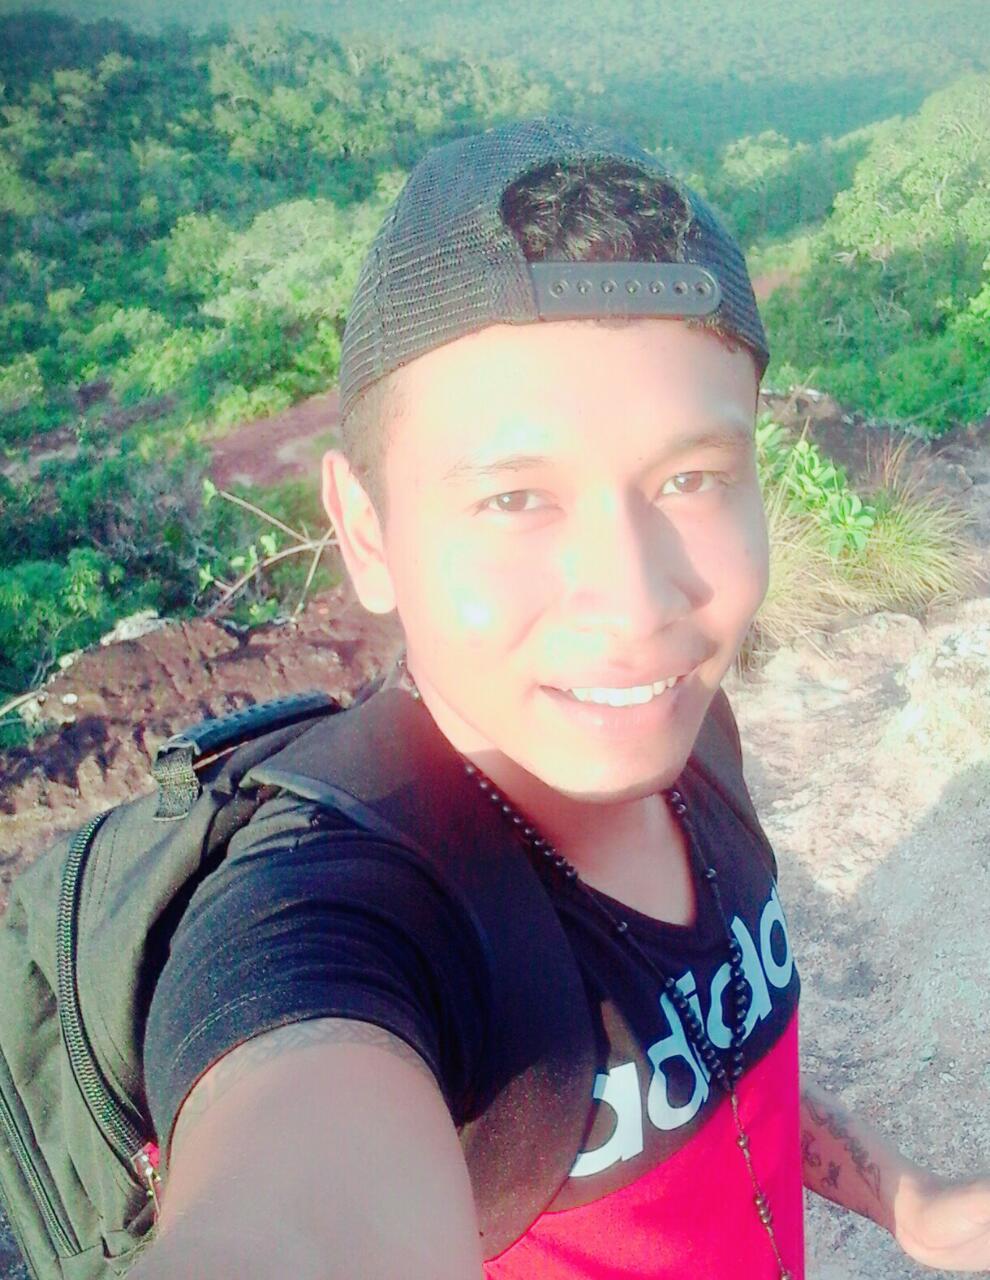 Mi nombre es Alex Richard Moreno...de San Jose de Chiquitos, estudio en la escuela taller en construcción civil, estudie electricidad en mis tiempo libres me gusta jugar futbol y soy Dj 😌!!